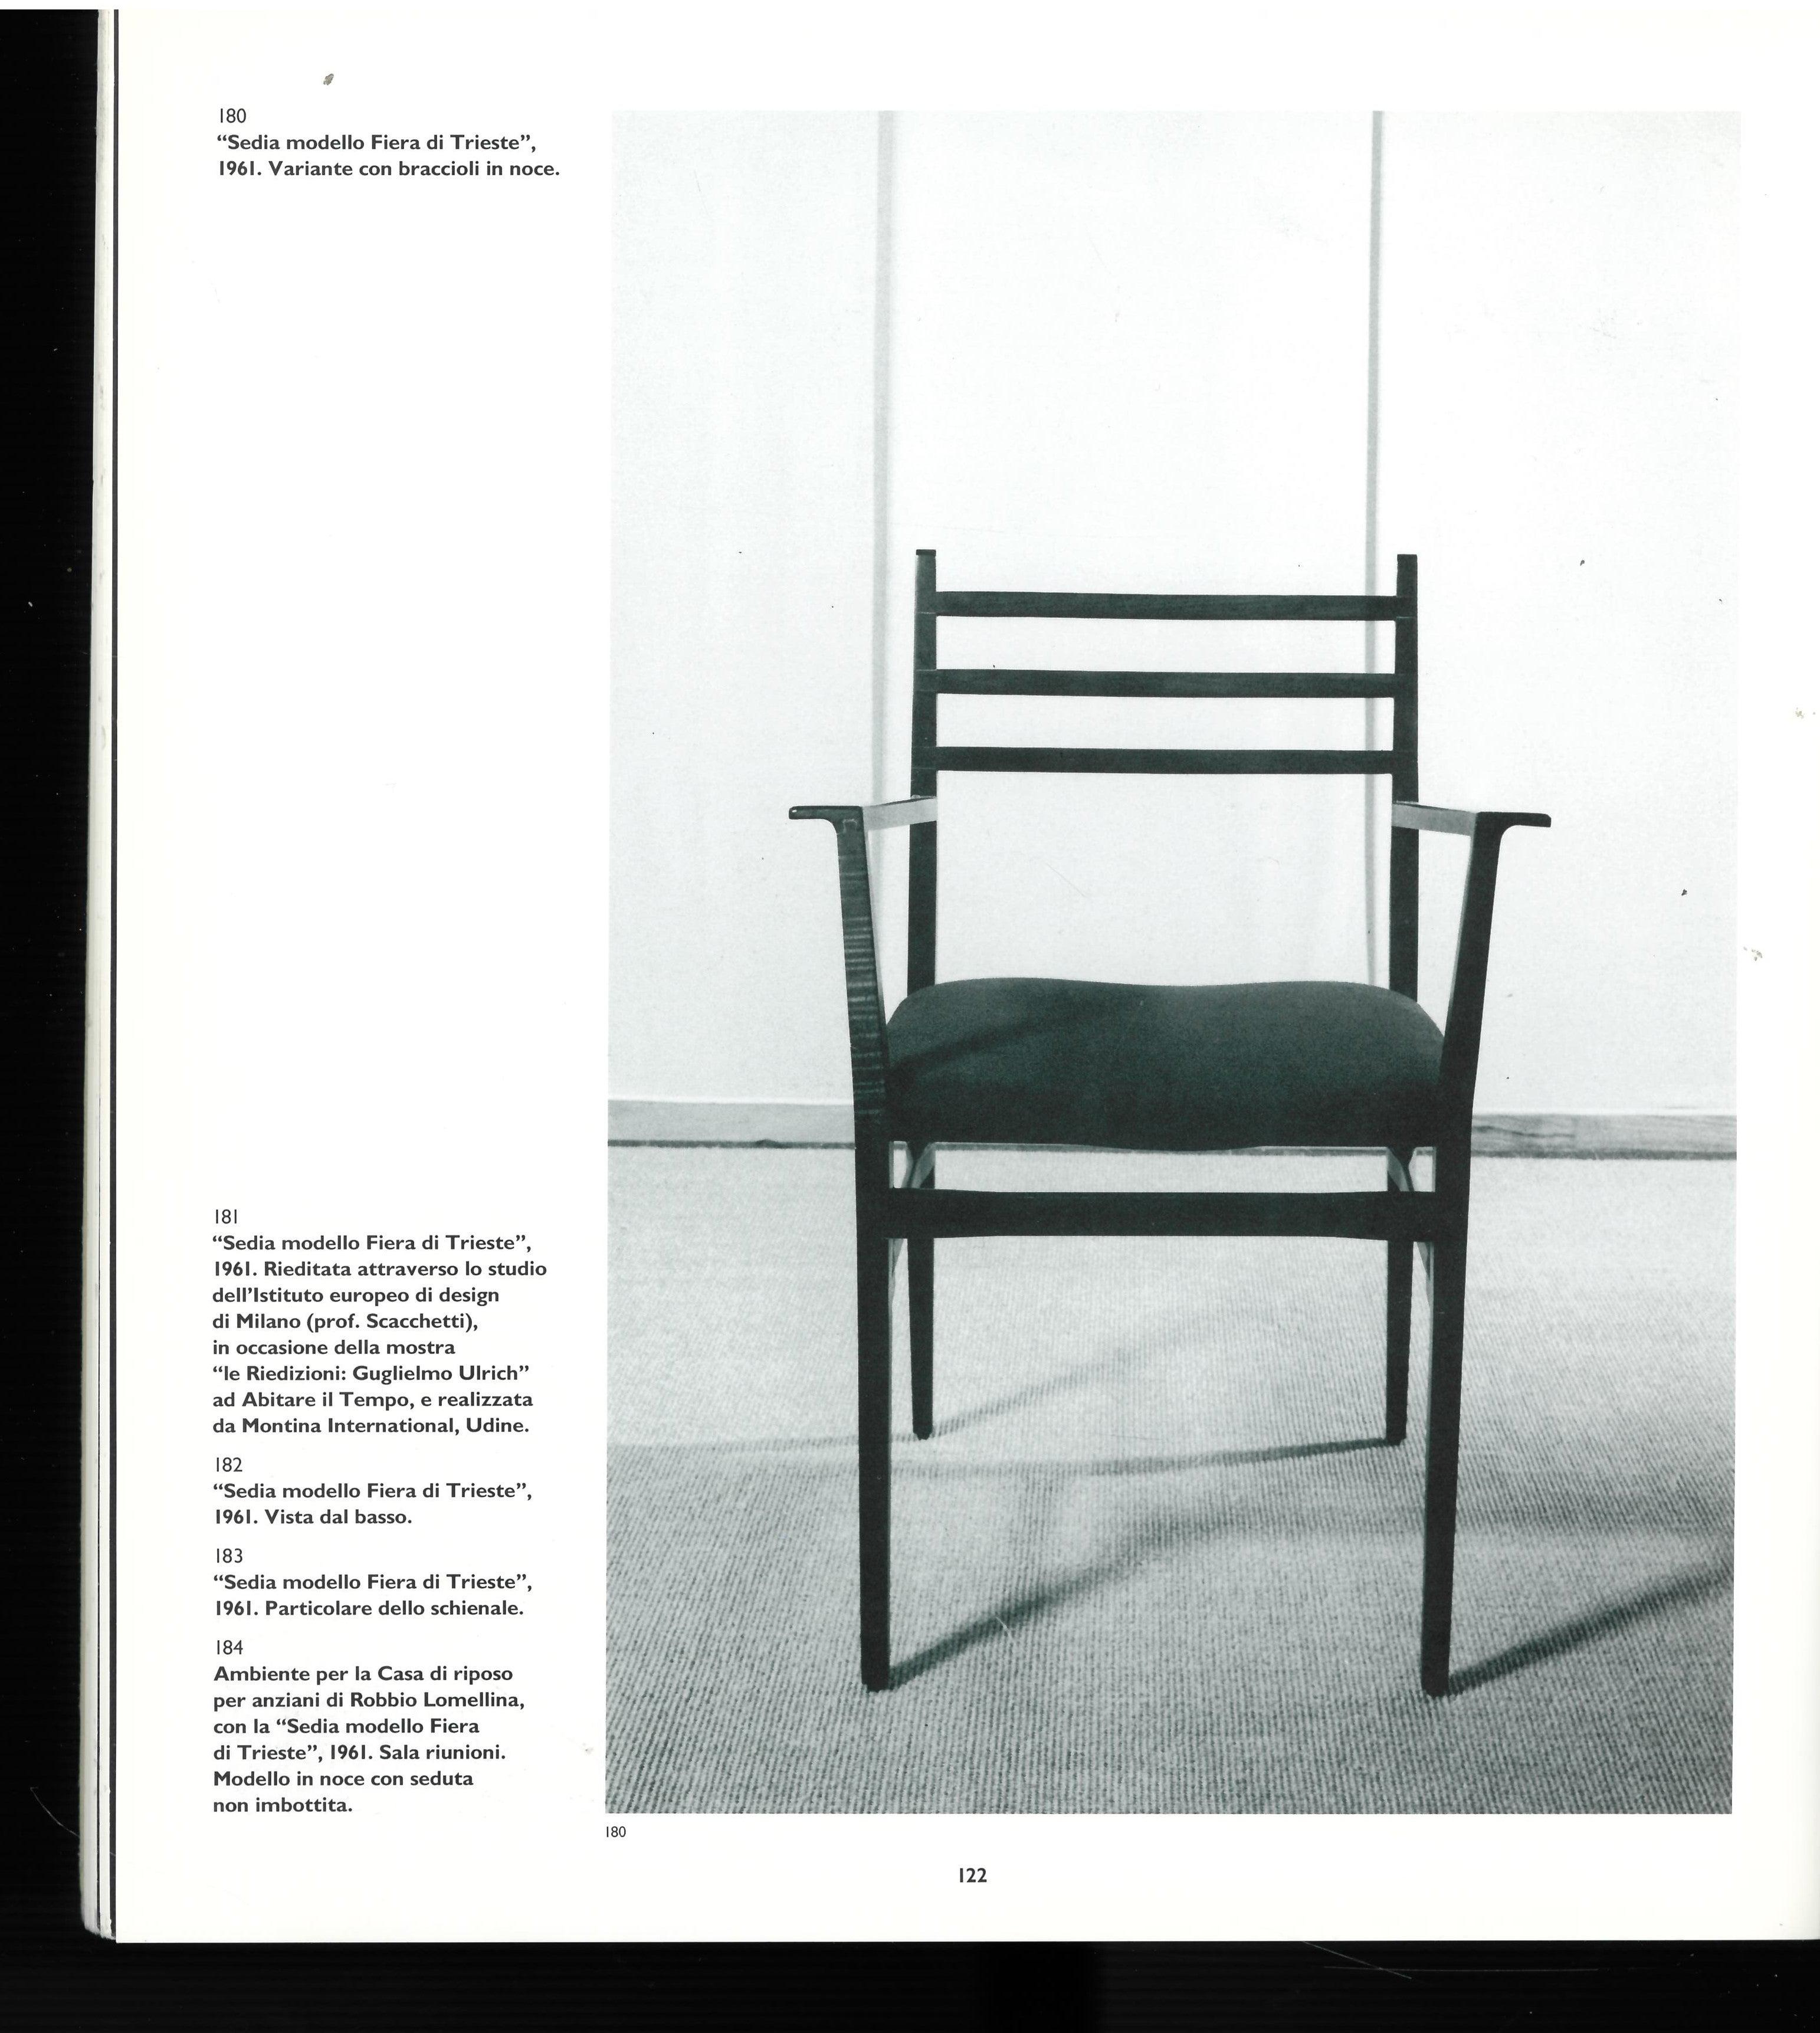 Studio La Sala Milano guglielmo ulrich, gli oggetti fatti ad arte 'objects made into art', book